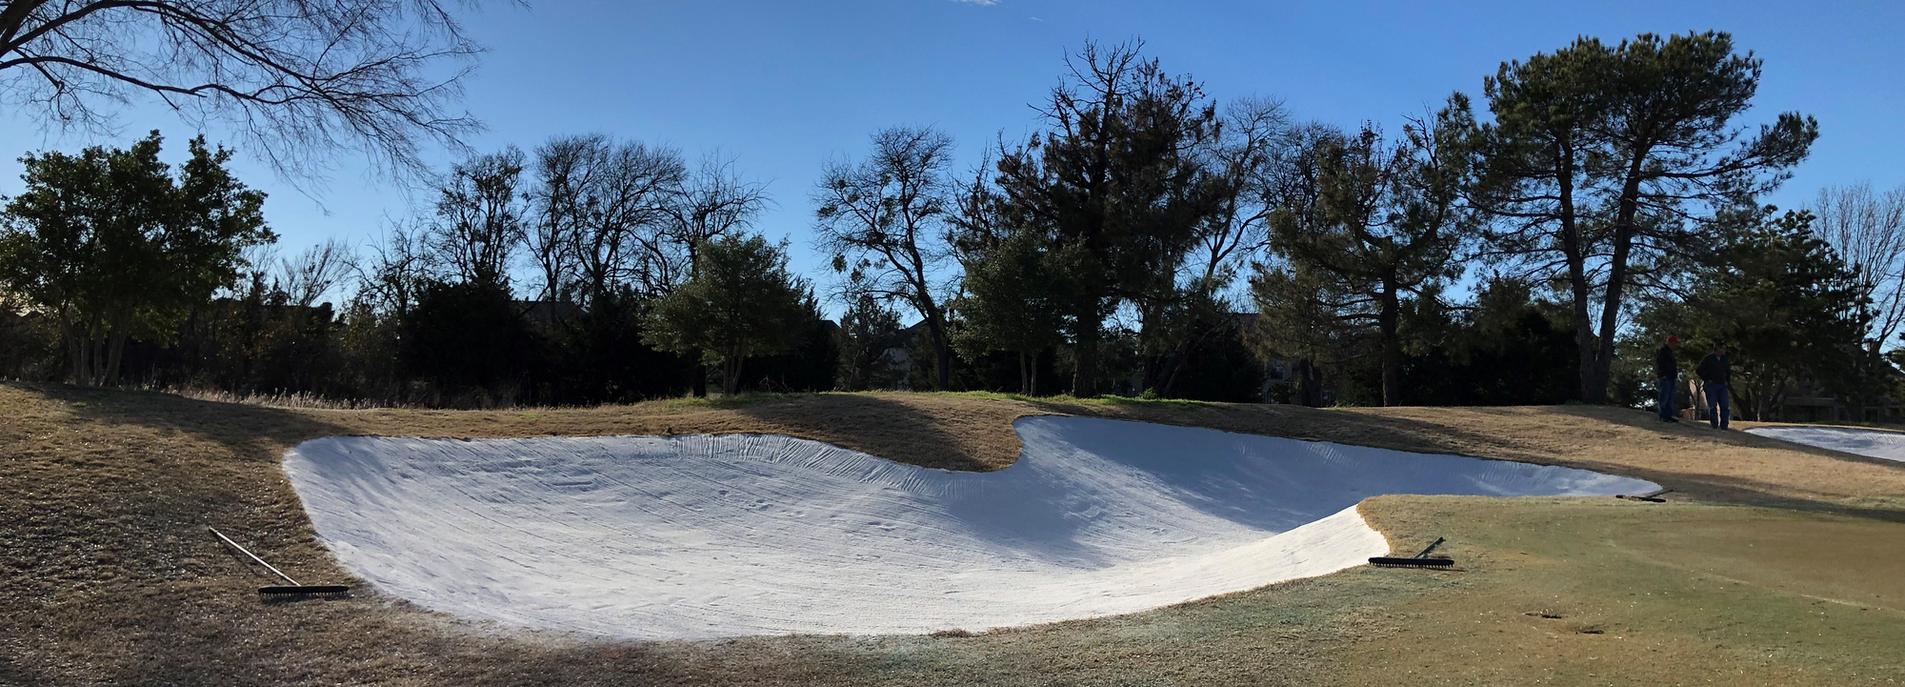 Stonebriar Country Club | Frisco, TX